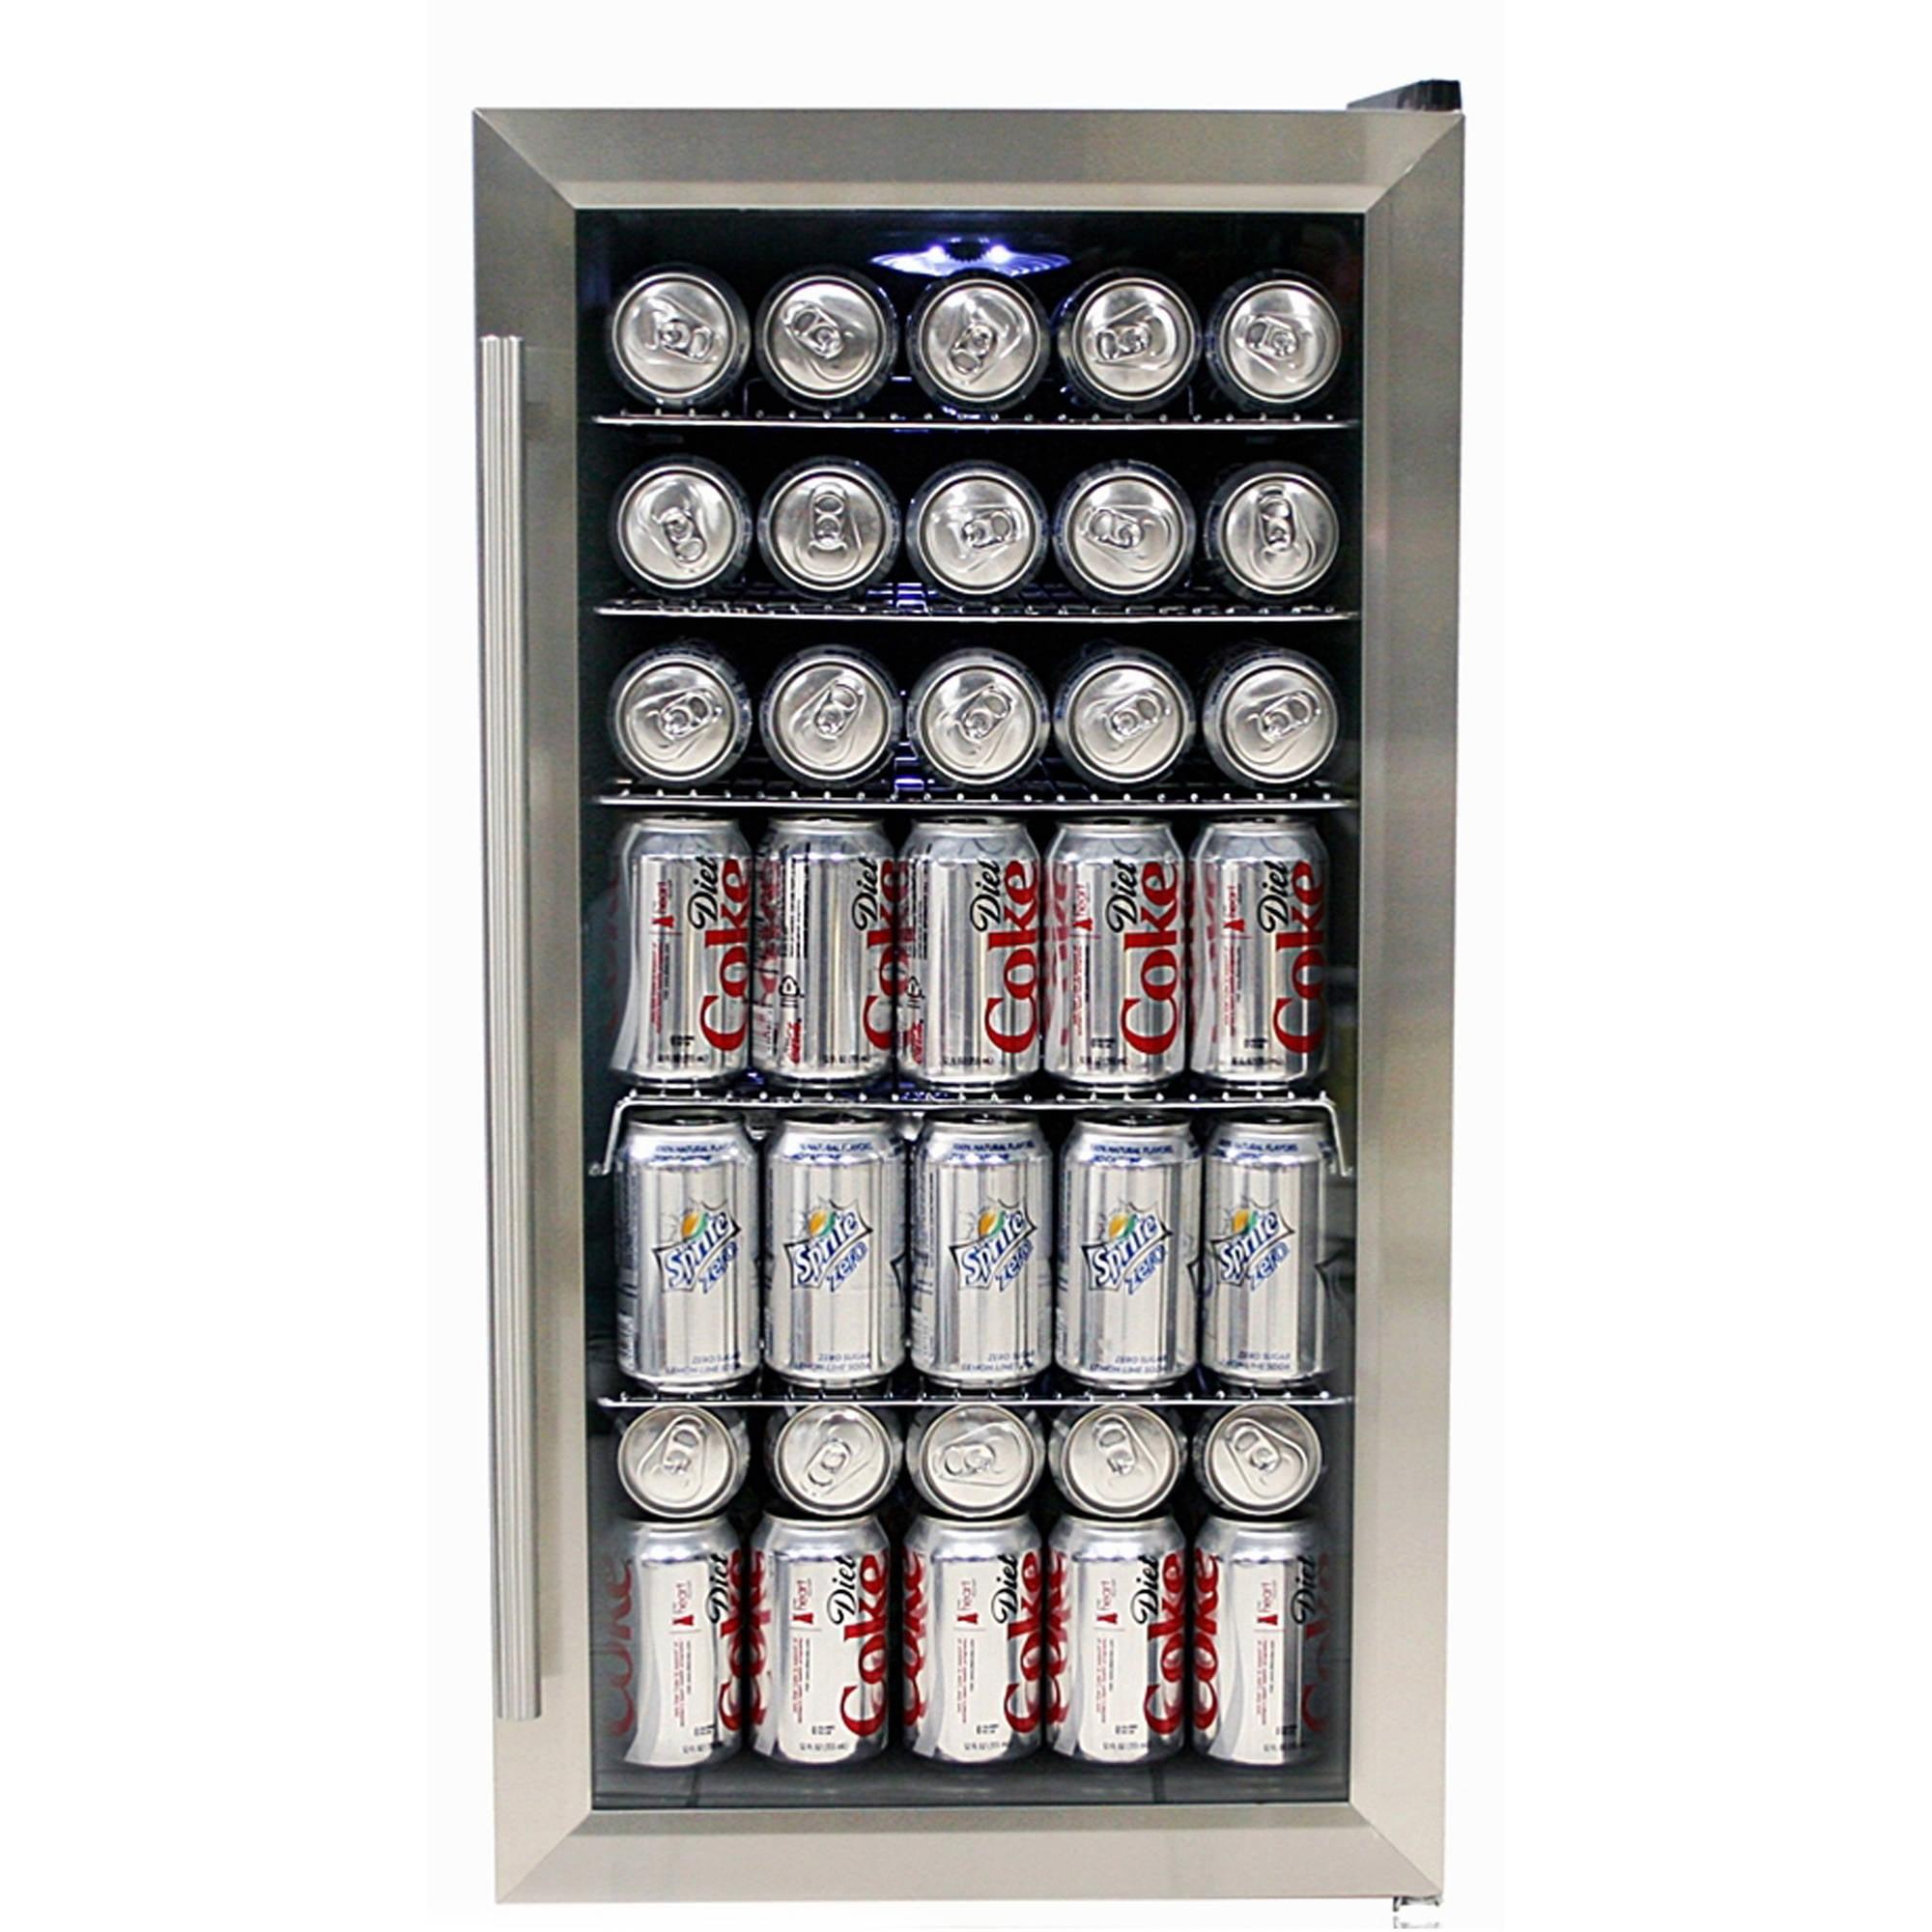 Whynter BR 125SD Stainless Steel Beverage Refrigerator Walmart